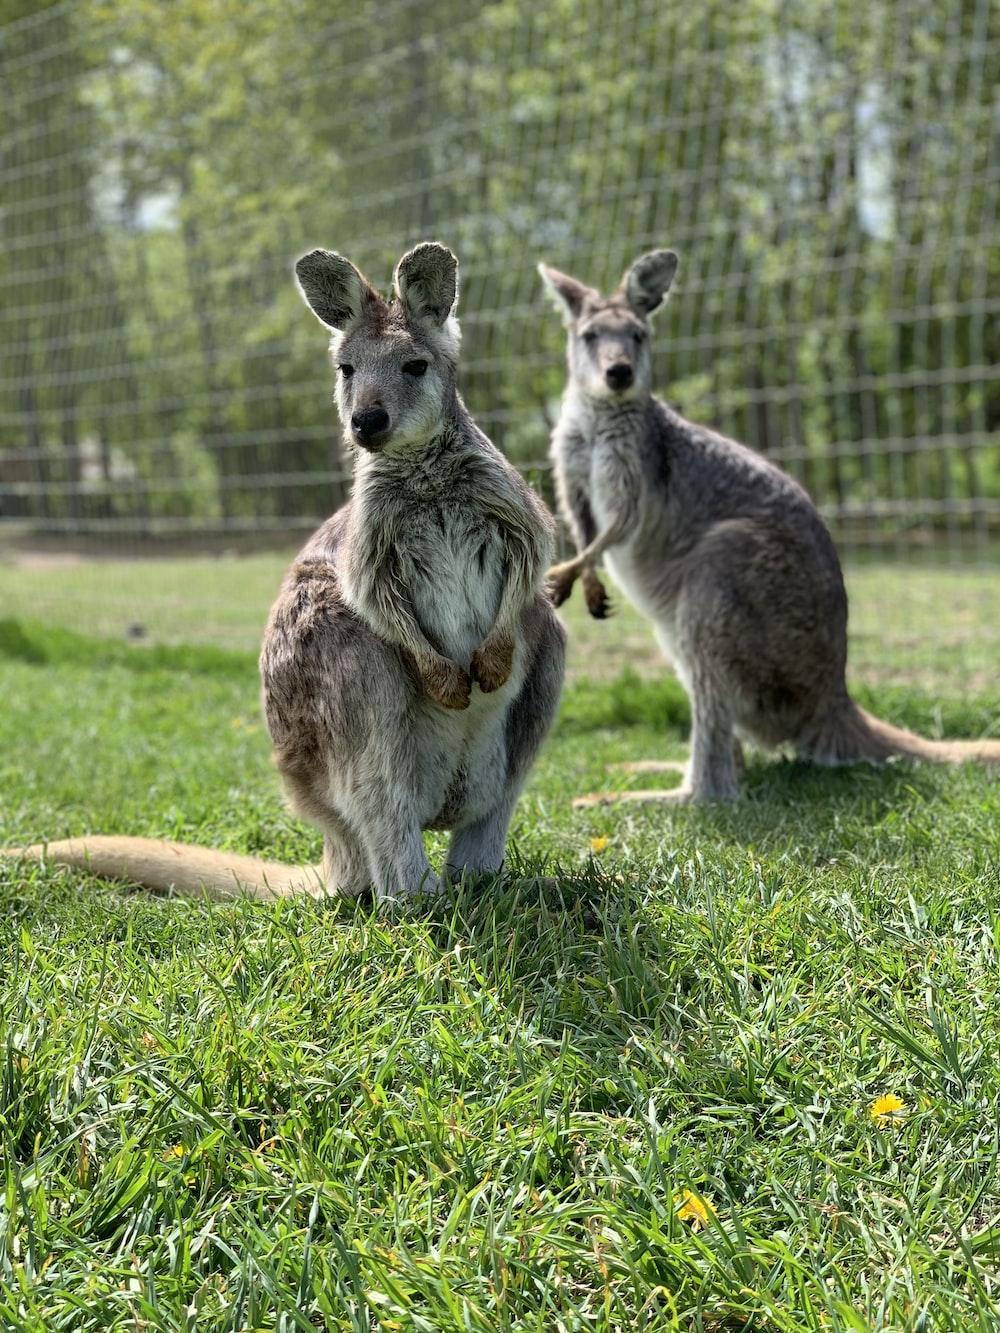 two kangaroos